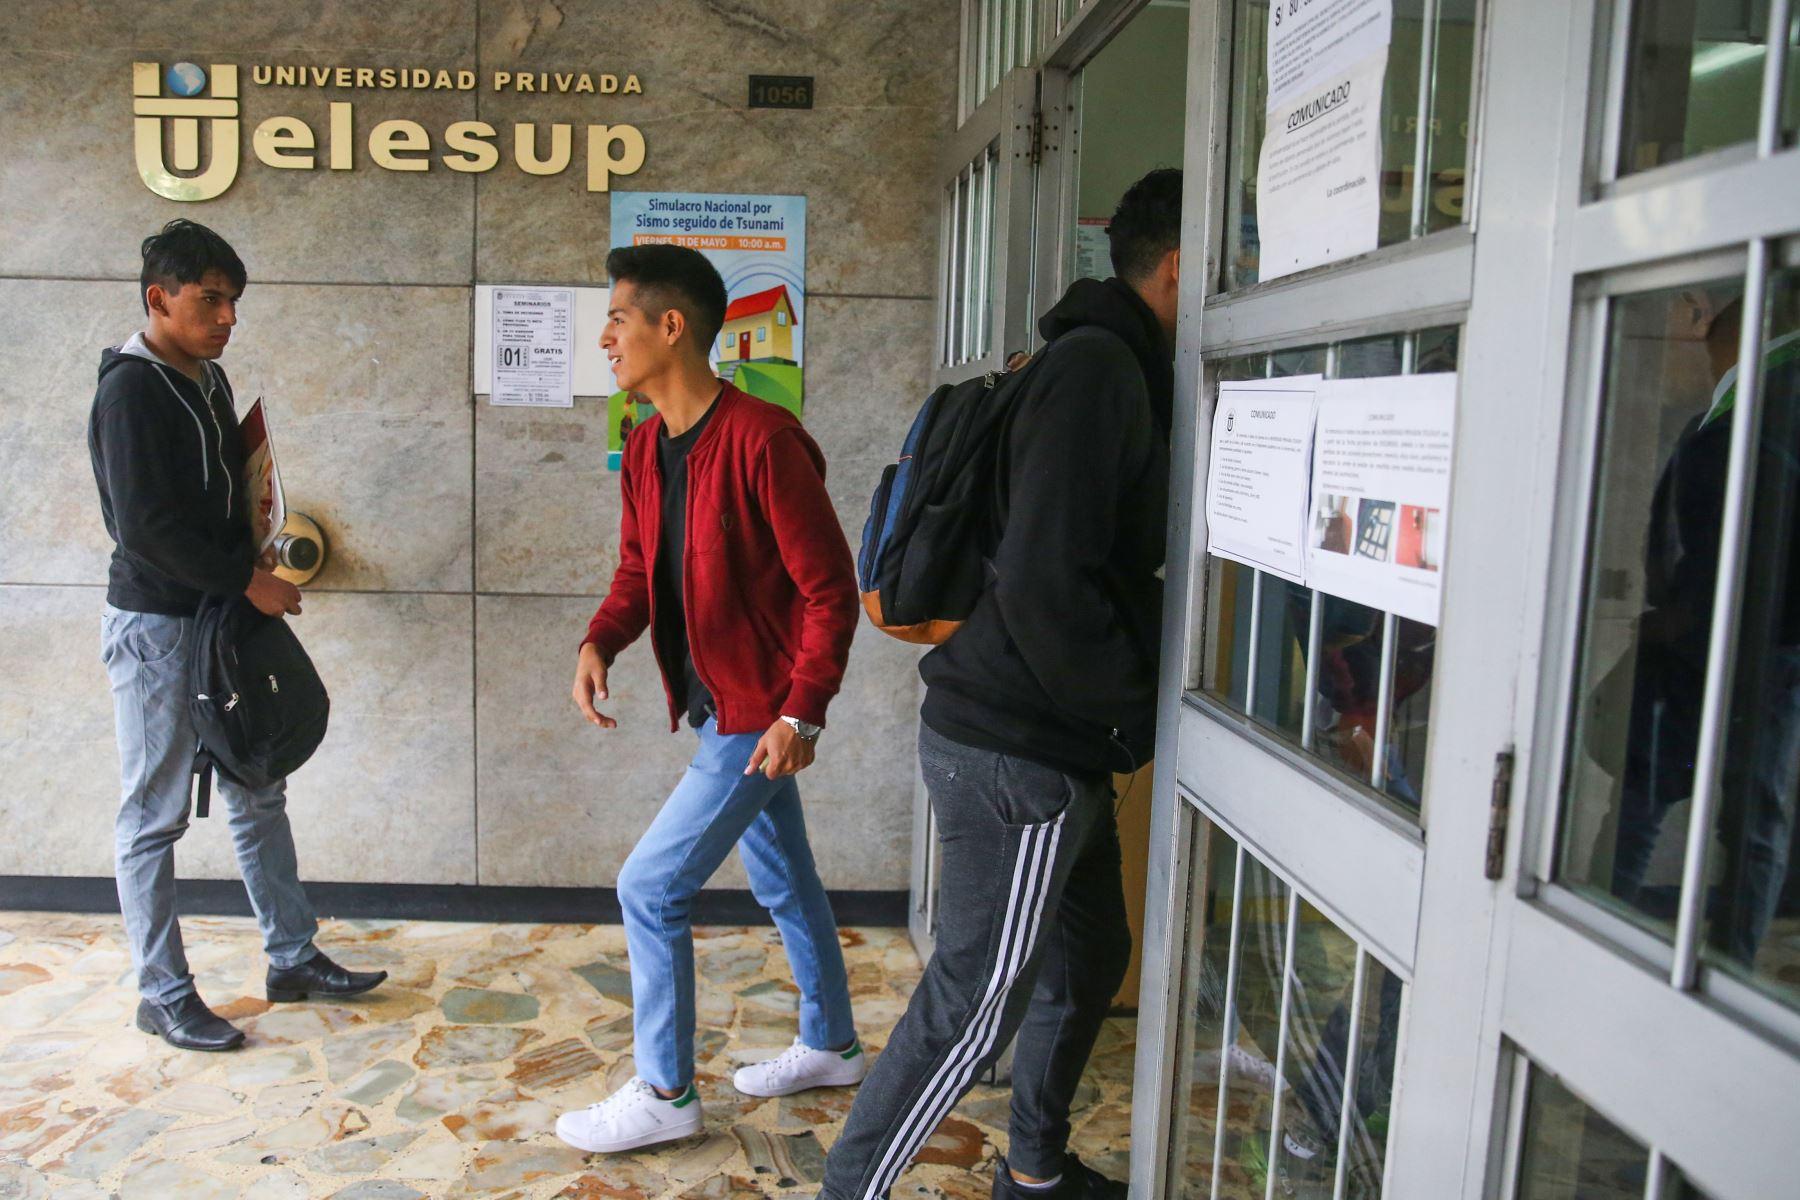 Tras negarse la licencia, universidad no podrá recibir nuevos estudiantes. Foto: ANDINA/Vidal Tarqui